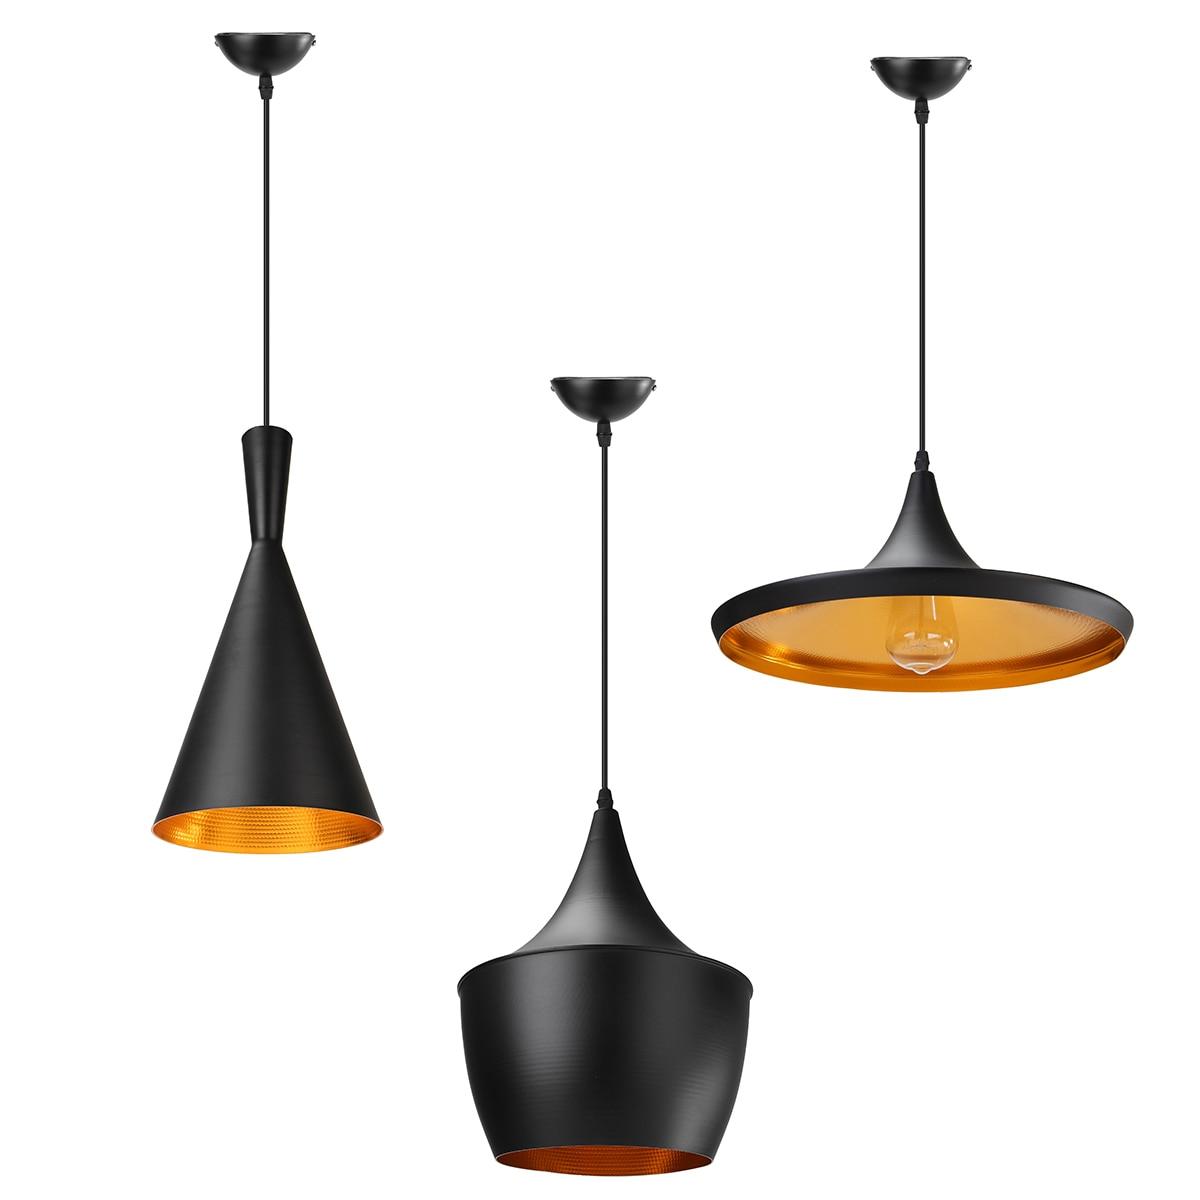 3 스타일 빈티지 레트로 경적 모양 빛 매달려 단일 샹들리에 램프 크리 에이 티브 조명 레스토랑 바 침실 매달려 램프